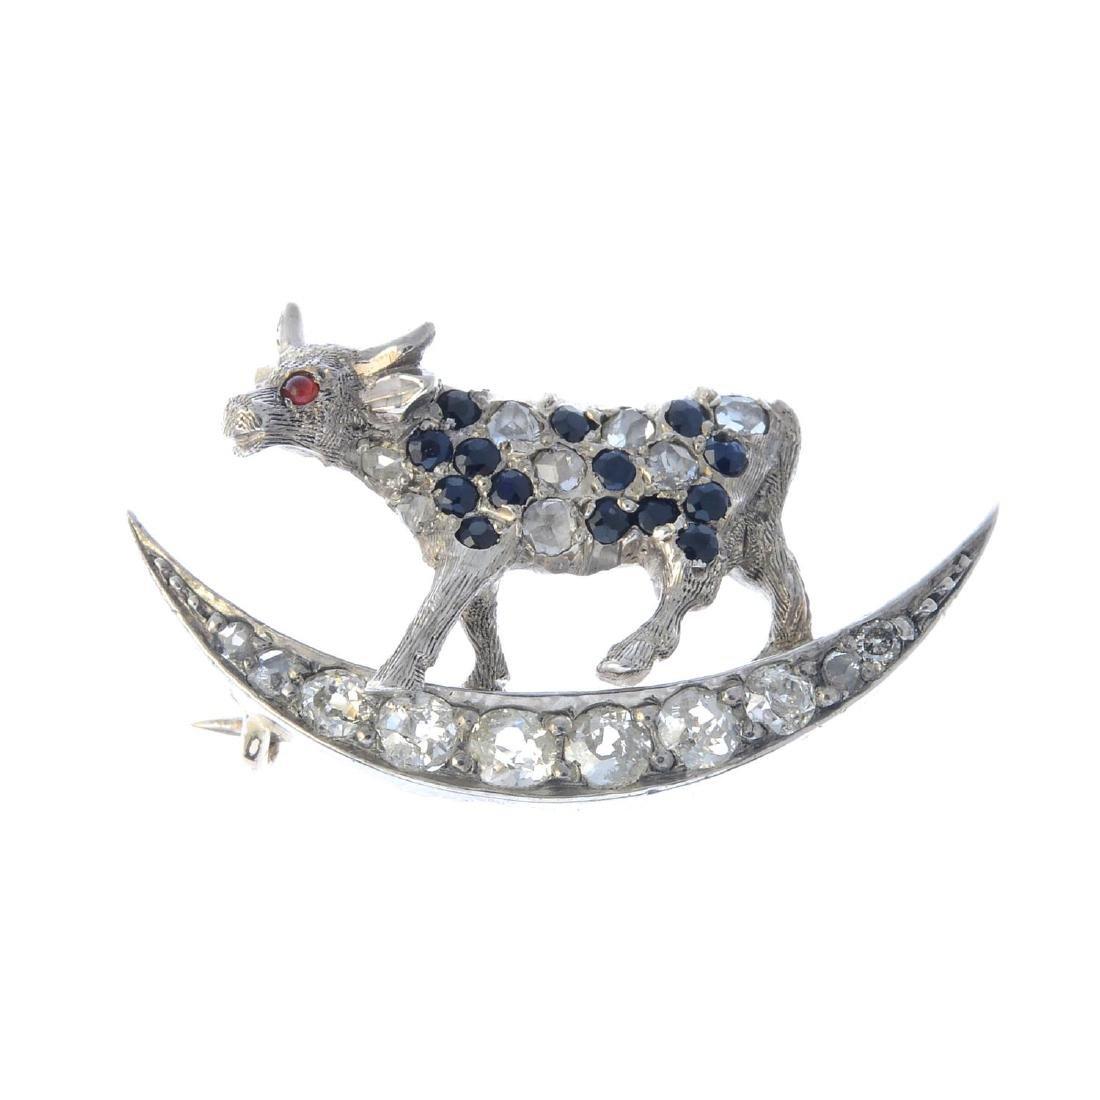 A diamond and gem-set cow and moon nursery rhyme